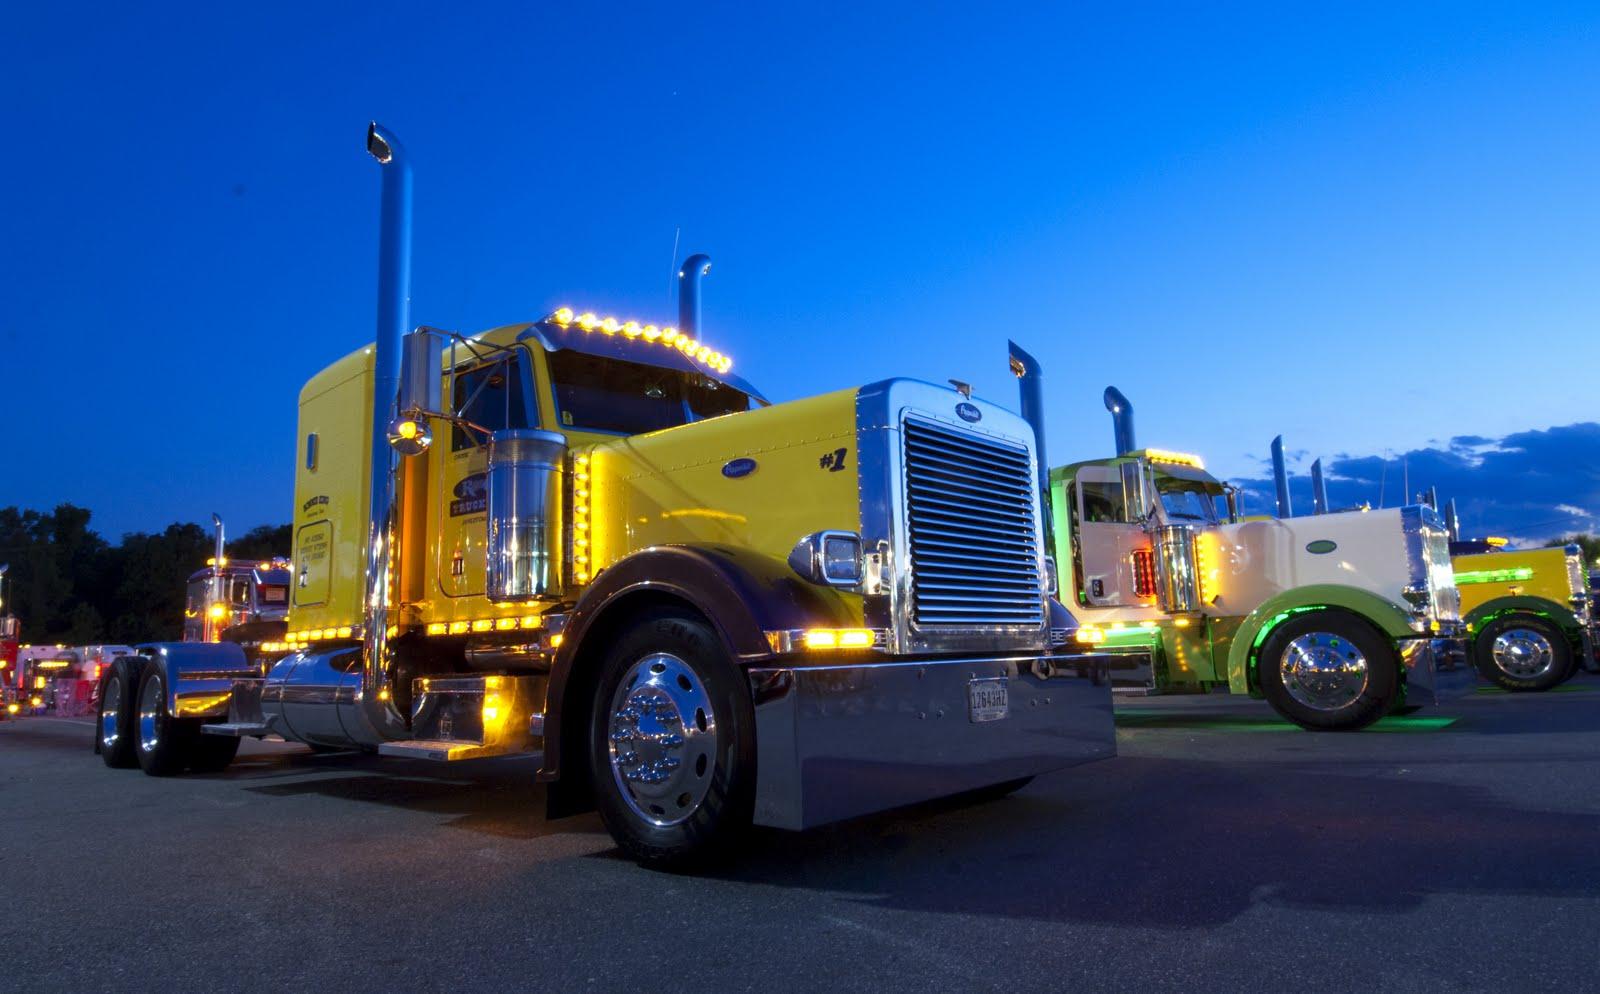 http://3.bp.blogspot.com/-QeJa1DrDa4c/Thy5qsXKuOI/AAAAAAAAK4c/AFgPYkYGe7o/s1600/Foto-vrachtwagen-achtergronden-hd-trucks-wallpapers-2.jpg